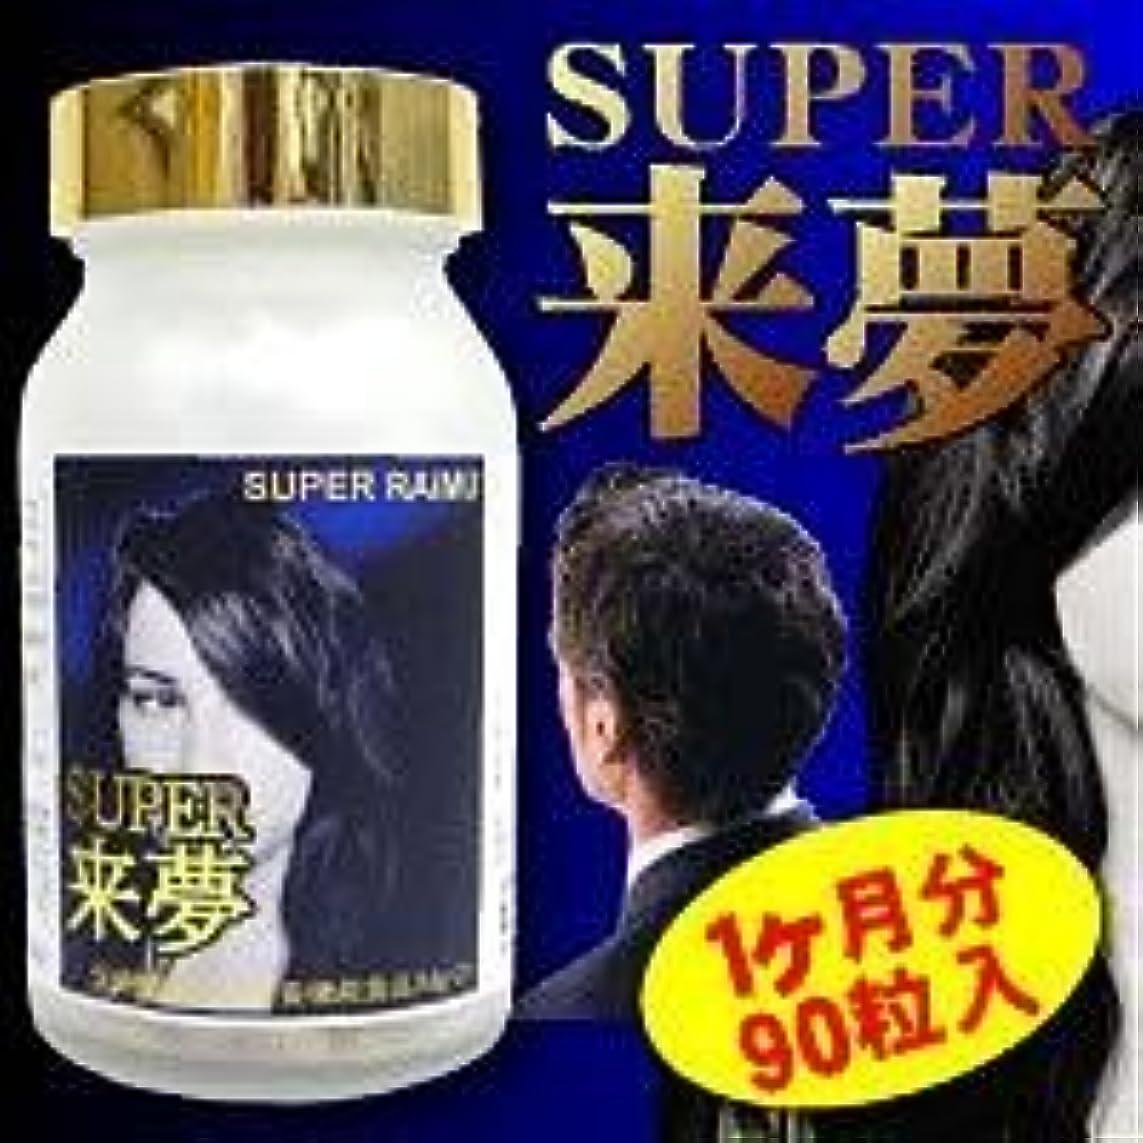 つなぐ多用途放課後スーパー来夢(カプサイシン+イソフラボン配合育毛サプリ)